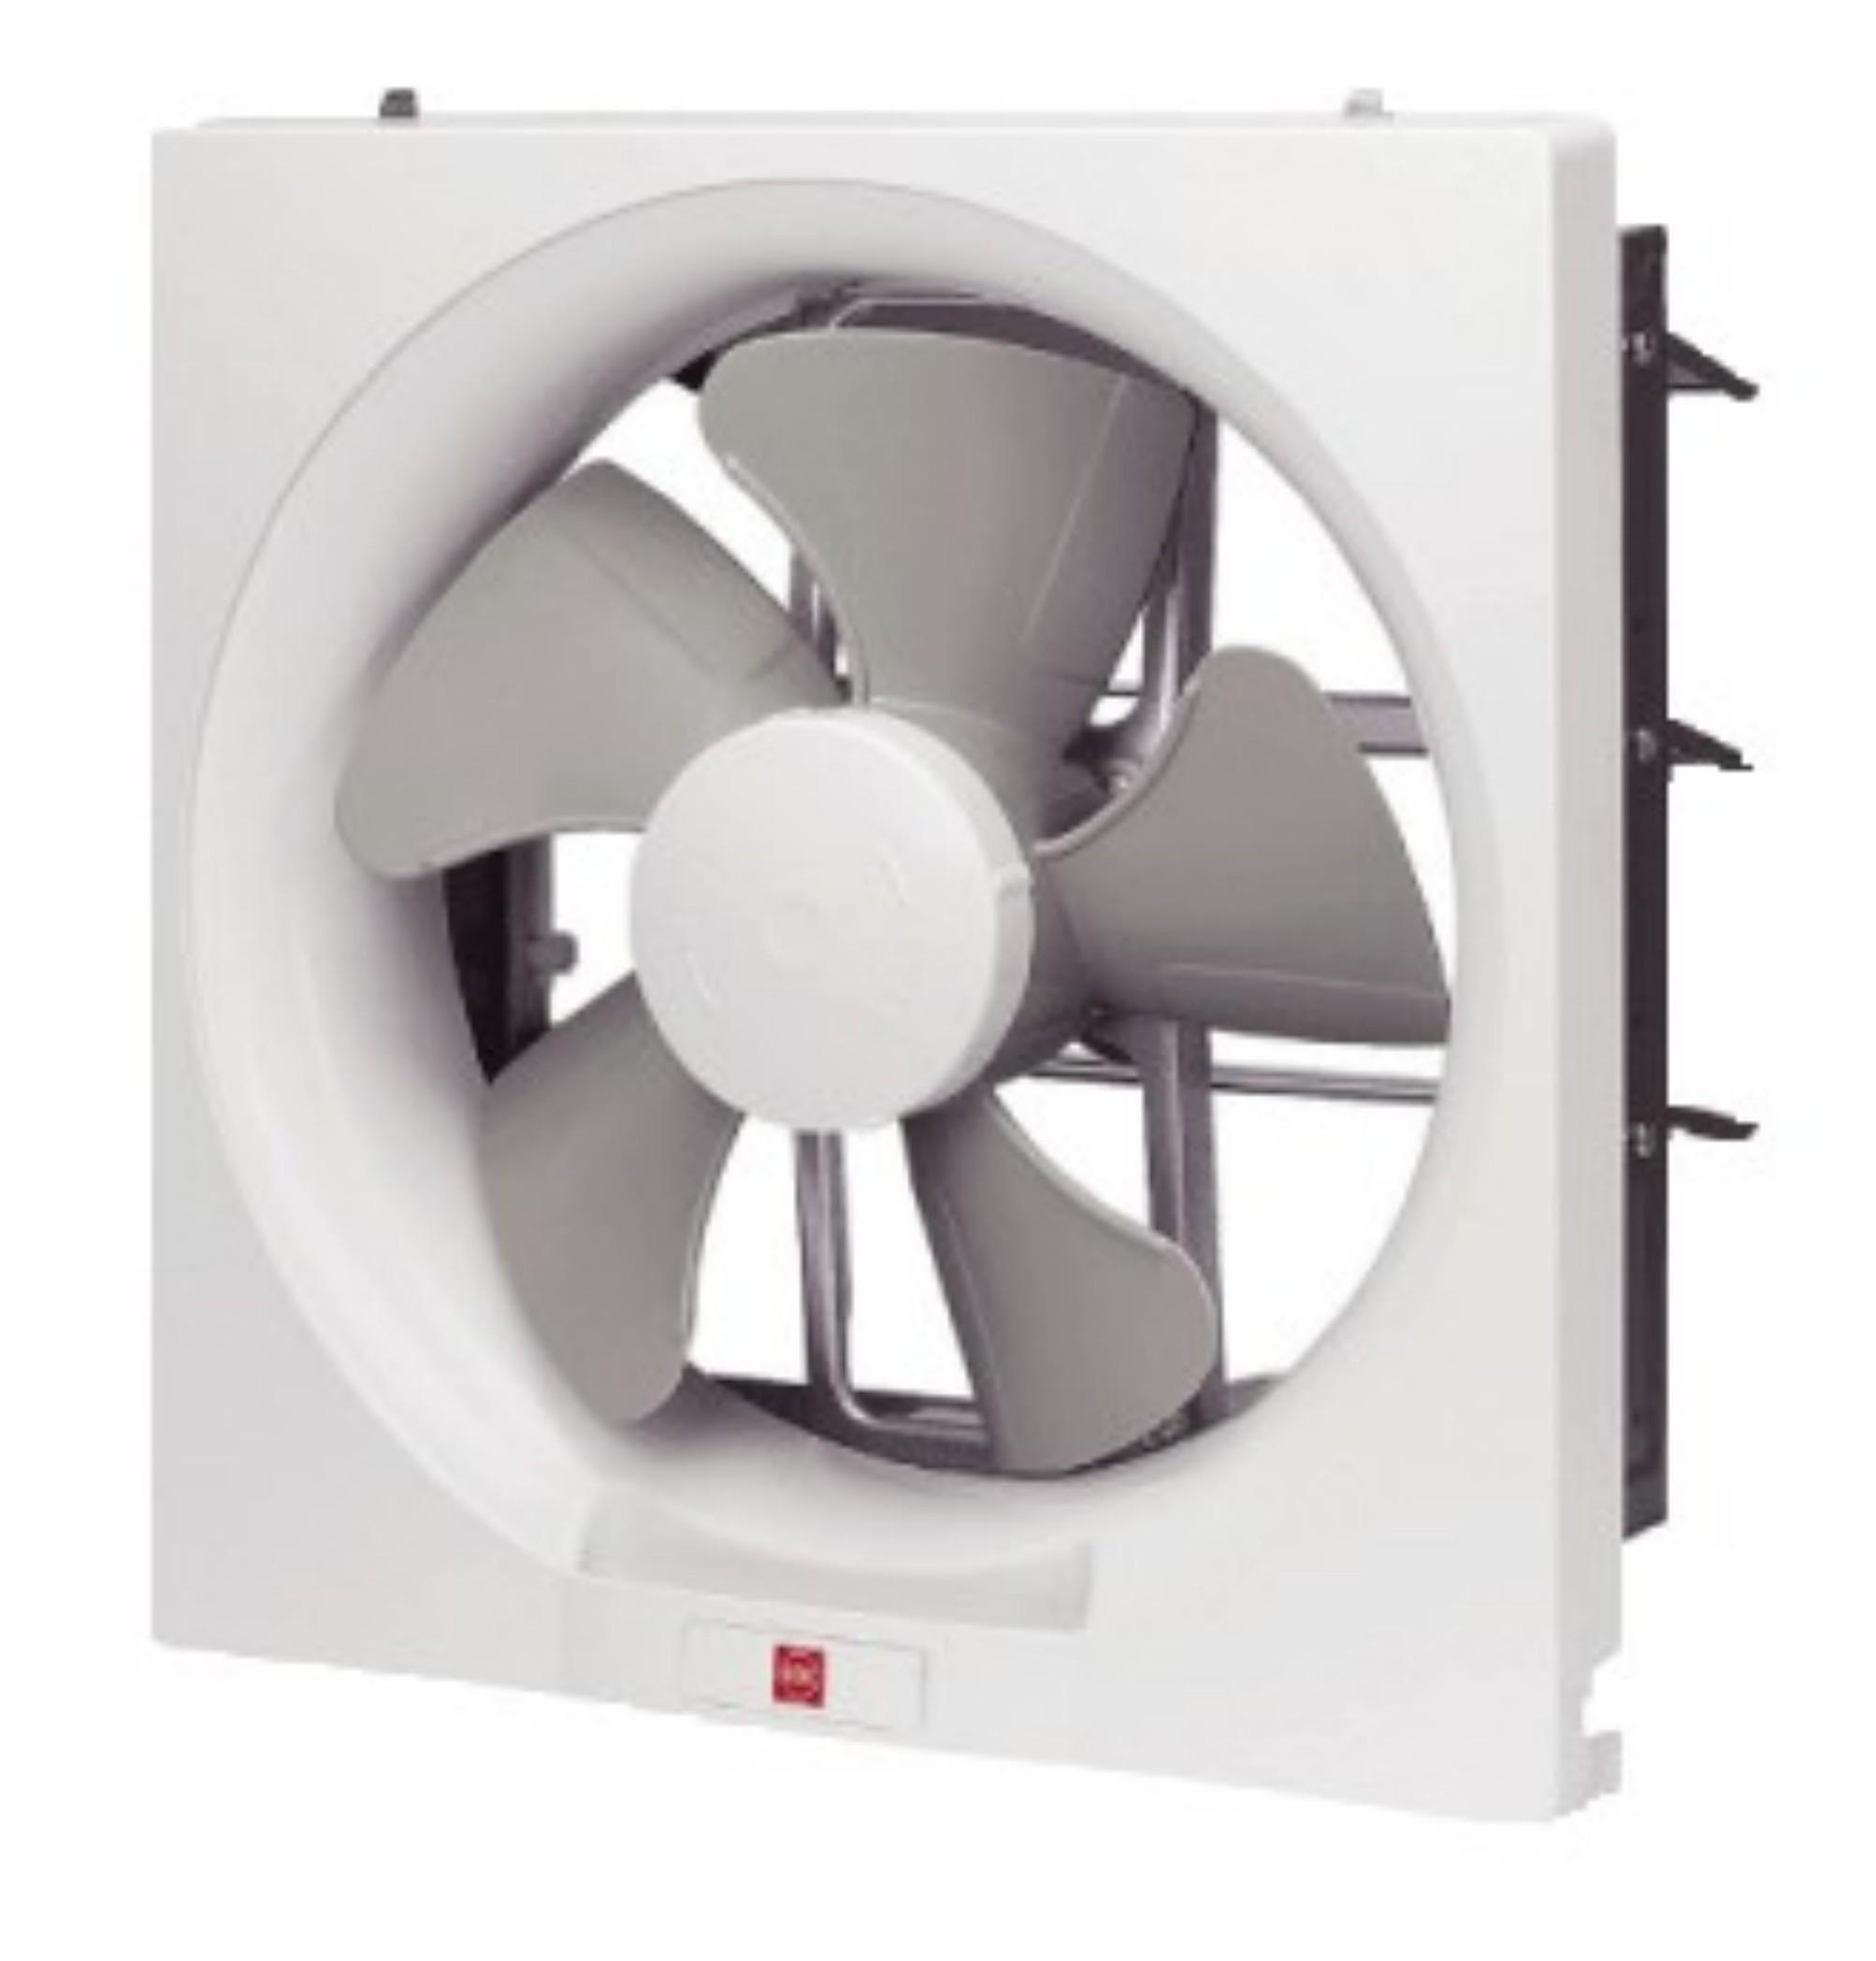 Kitchen Extractor Fan Wall Vent | http://yonkou-tei.net | Pinterest ... for Exhaust Fan Kdk 8 Inch  588gtk